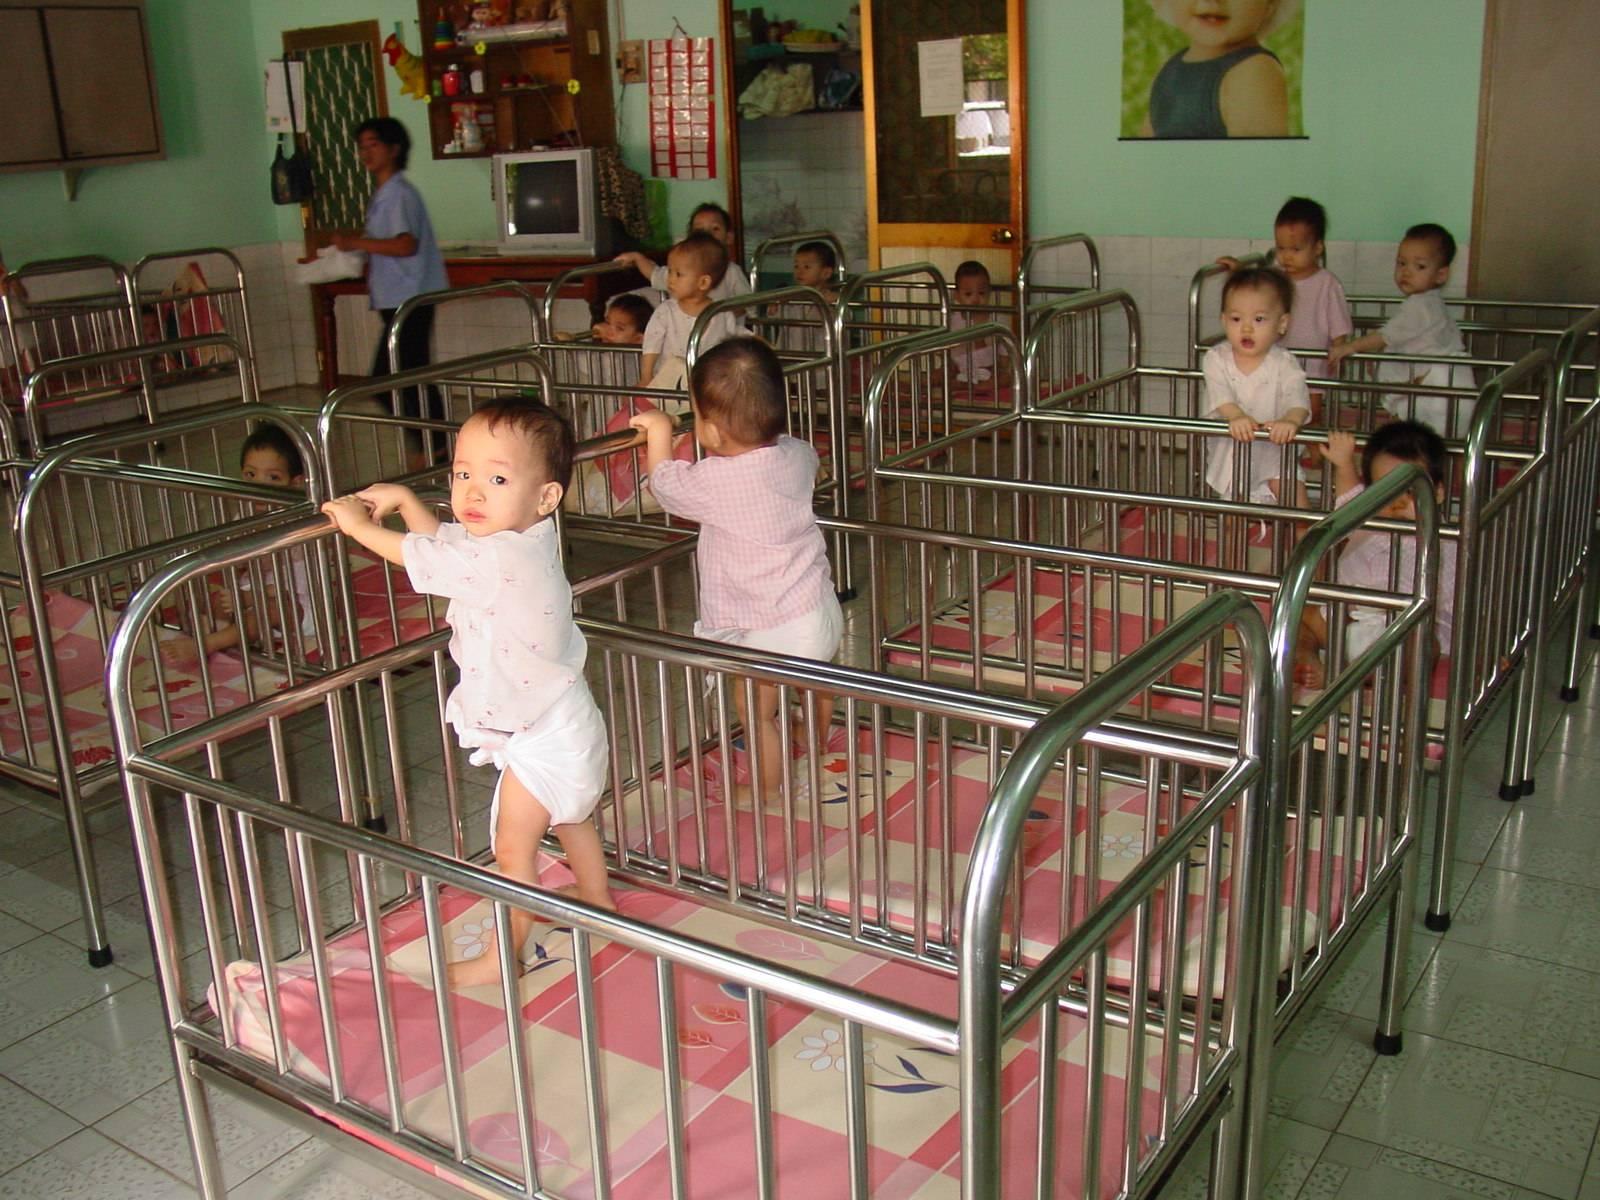 குழந்தை(கள்) - கவிதை போட்டி முடிவு Cribs_-_babies_in_orphanage